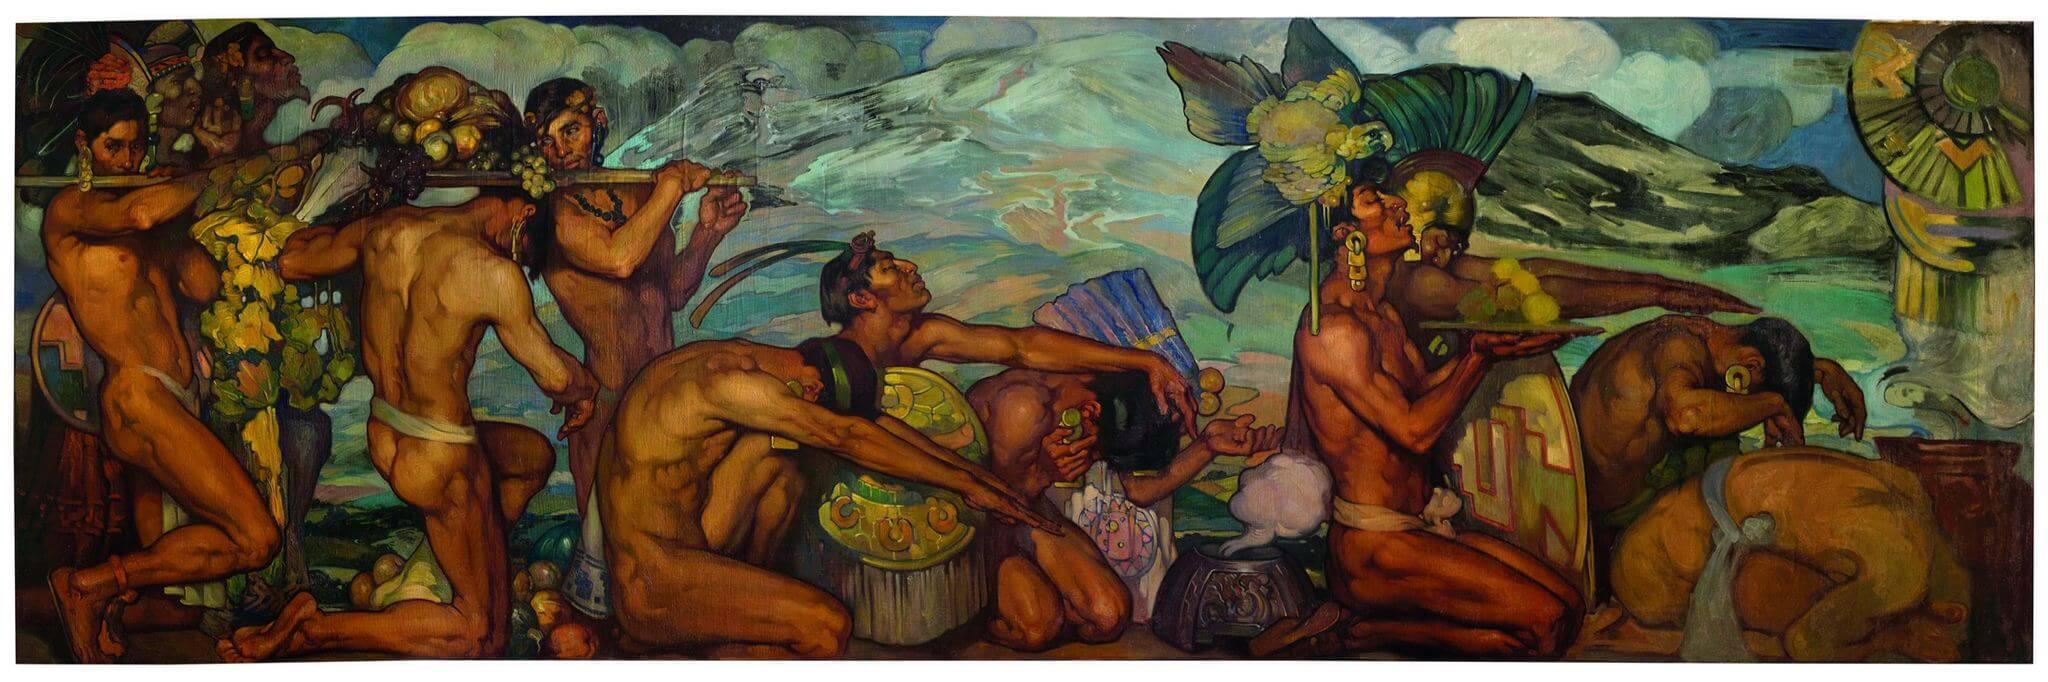 Obras Nuestros dioses antiguos de Herrán que muestra a personas de la época prehispánica